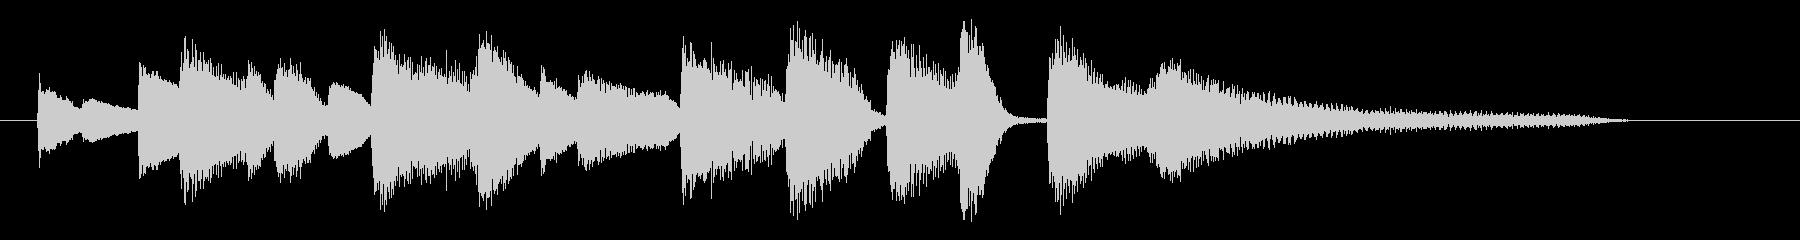 ジングル ジャズ11 ピアノソロ クールの未再生の波形